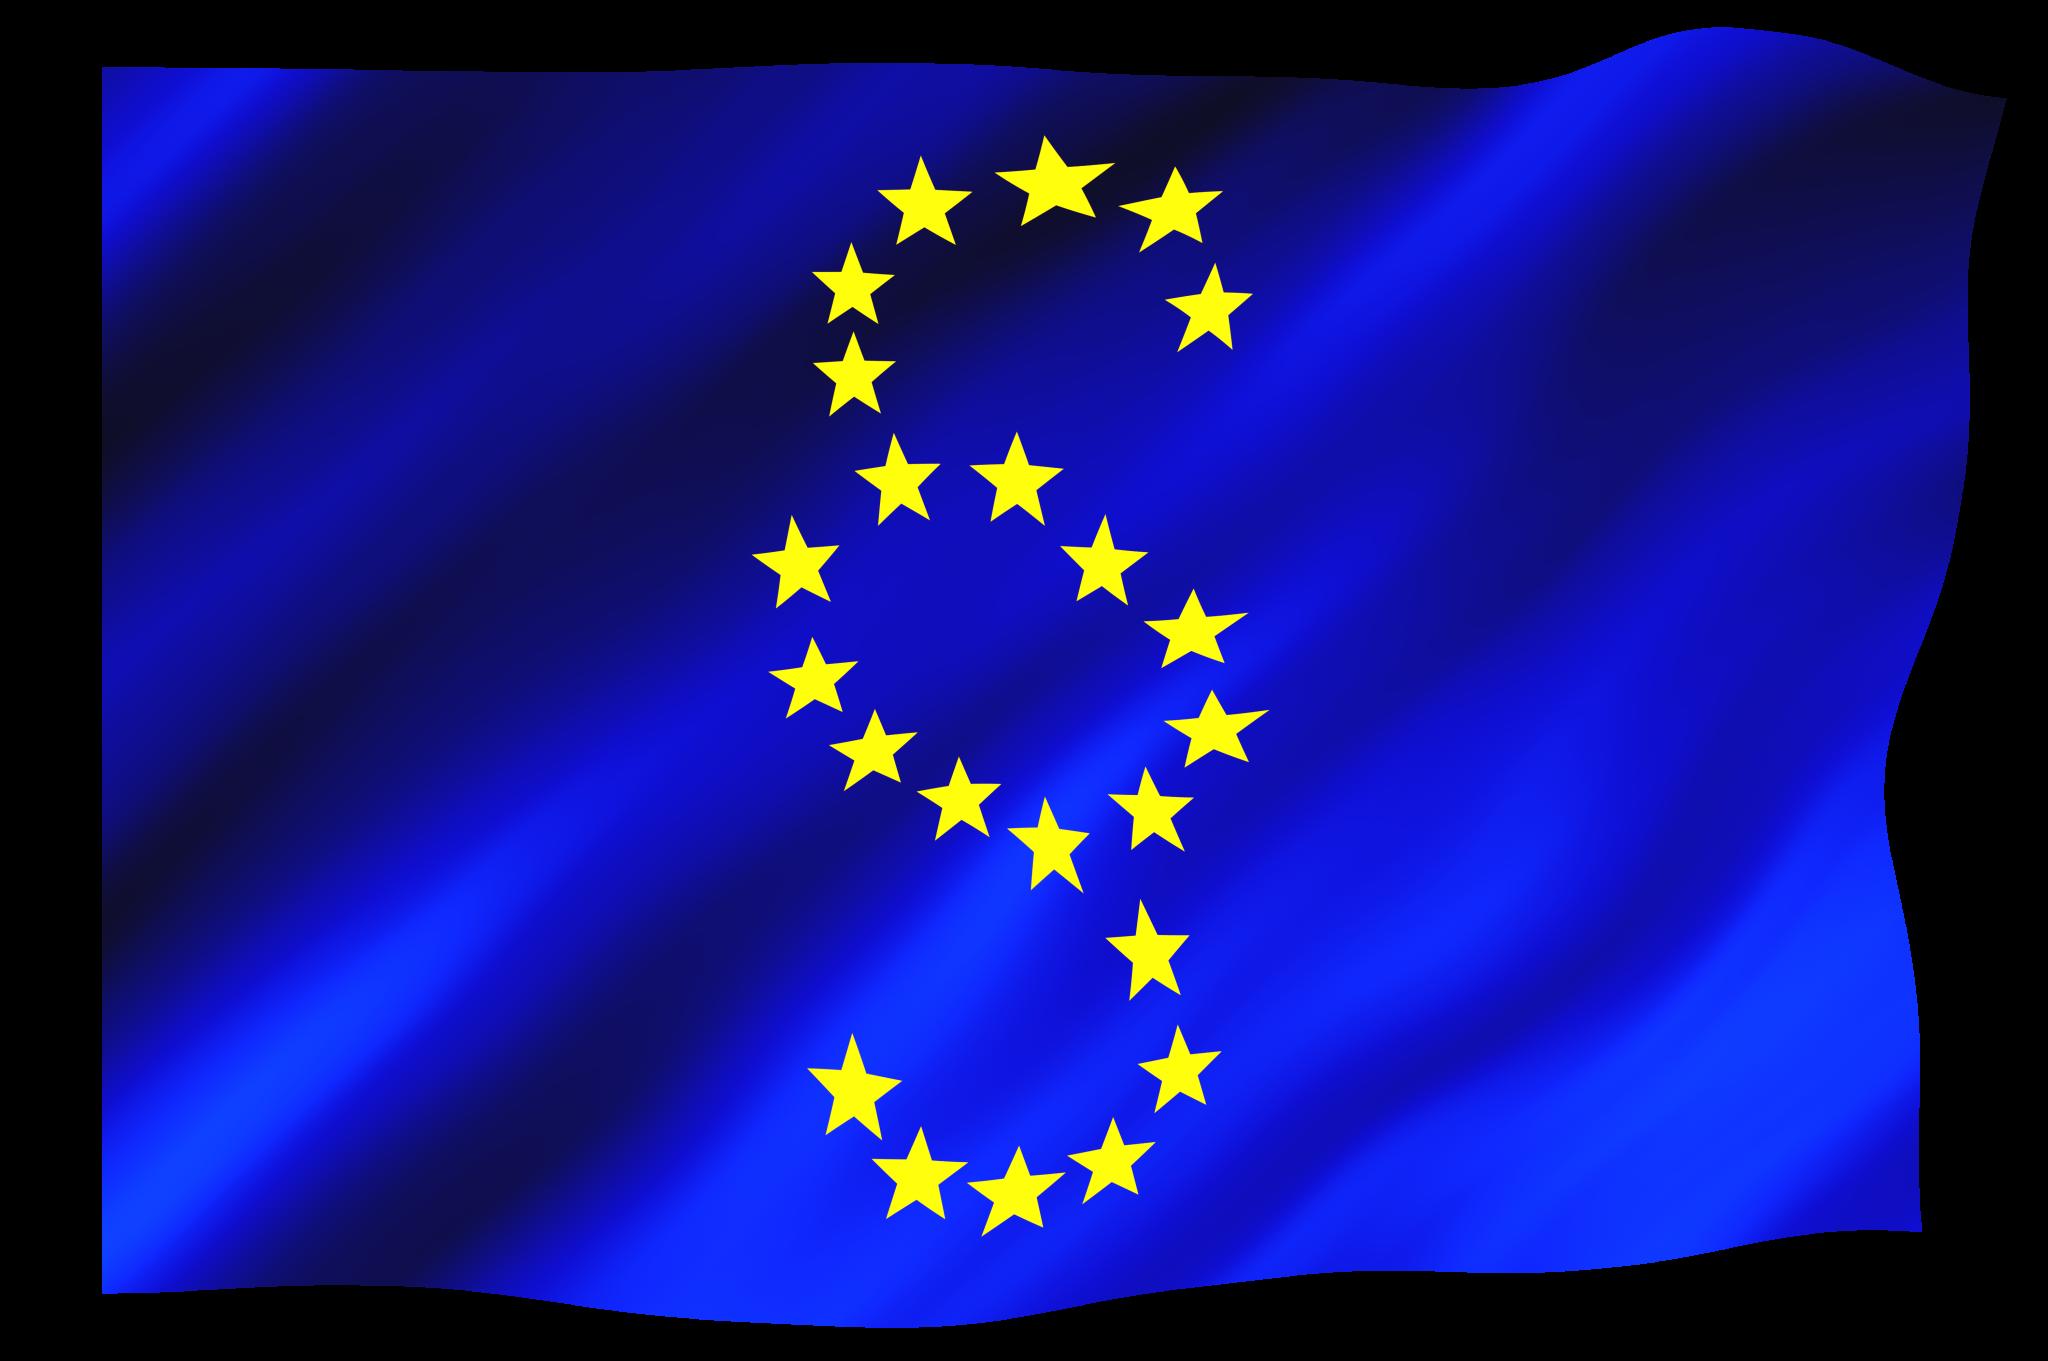 EU-Flagge, auf der die Sterne statt eines Kreises ein Paragrafenzeichen bilden